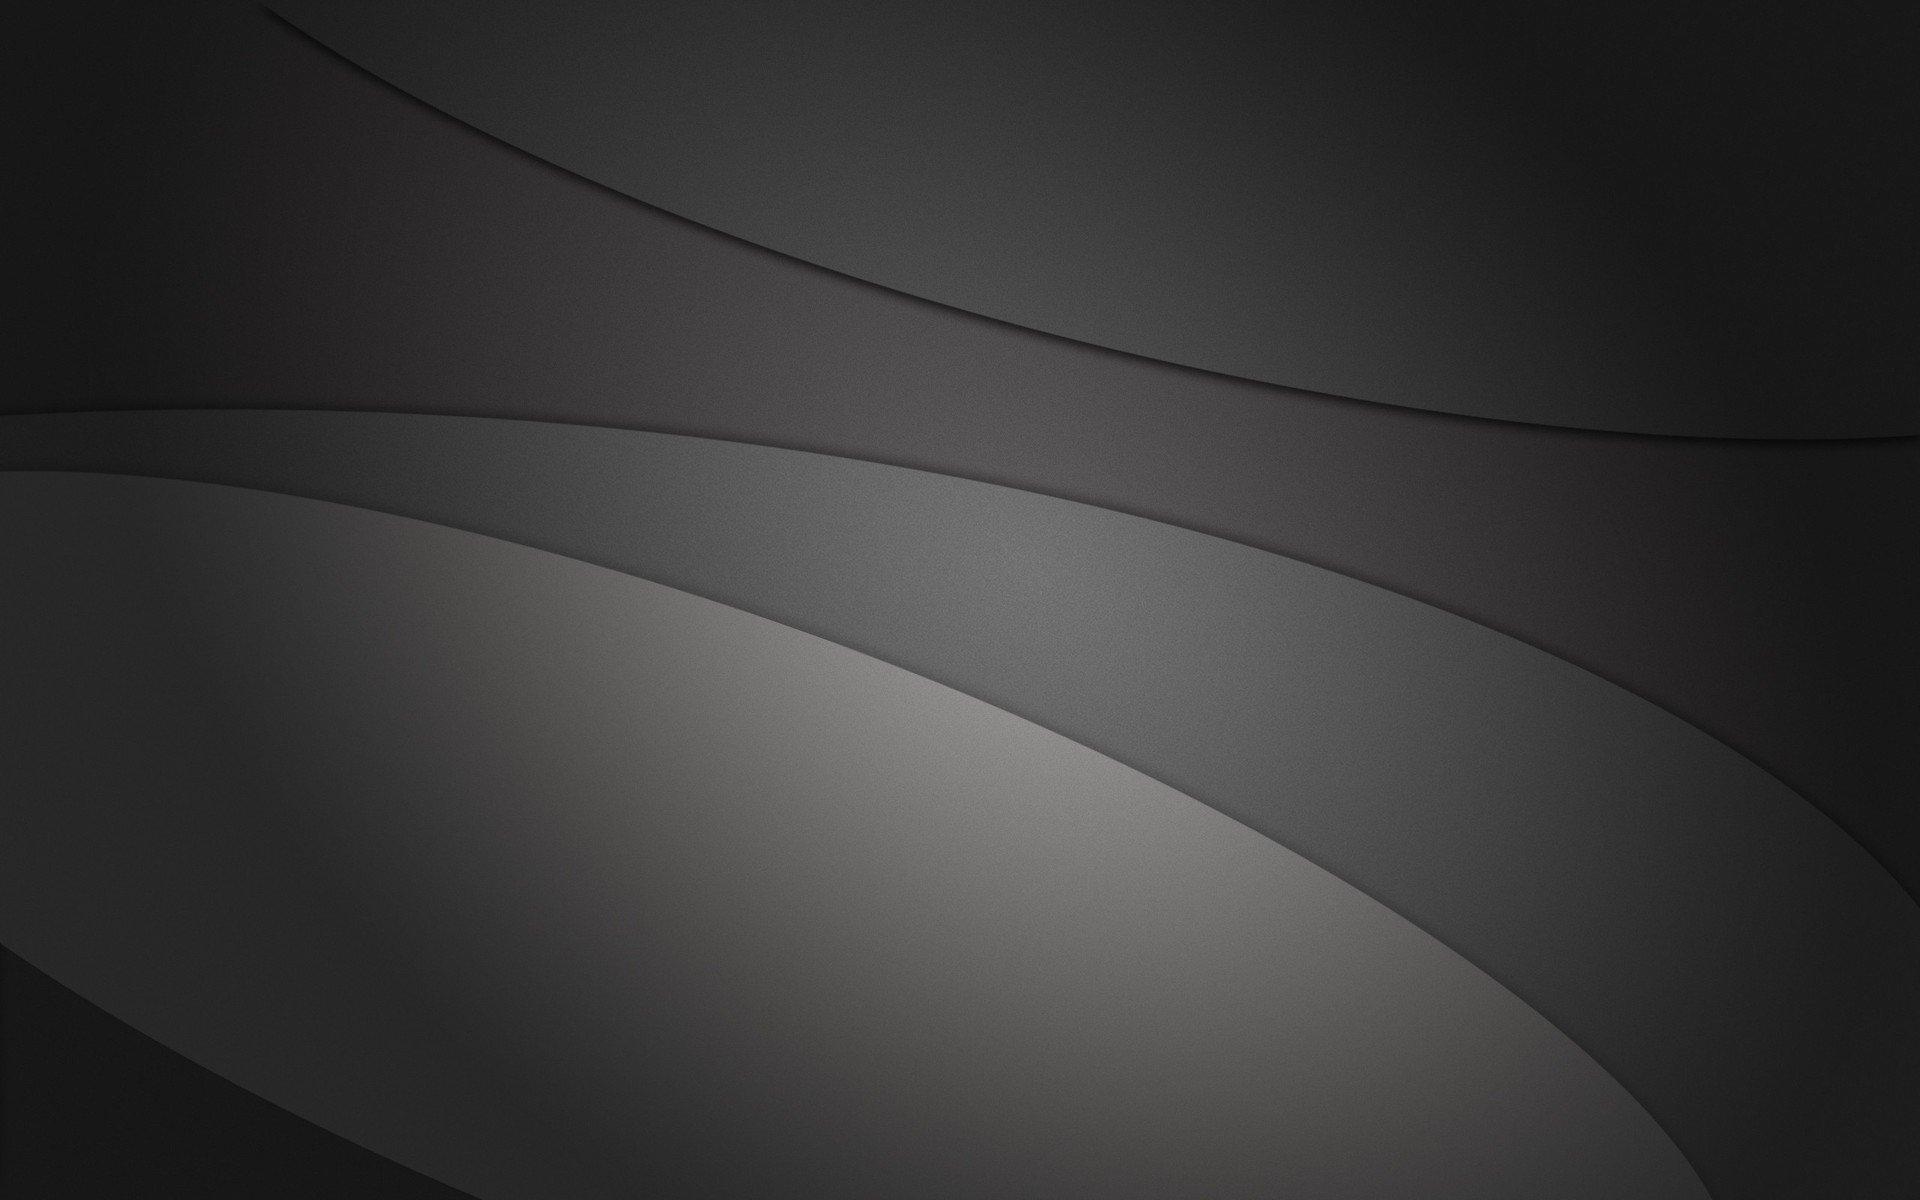 Grigio Hd Wallpaper Sfondi 1920x1200 Id545752 Wallpaper Abyss